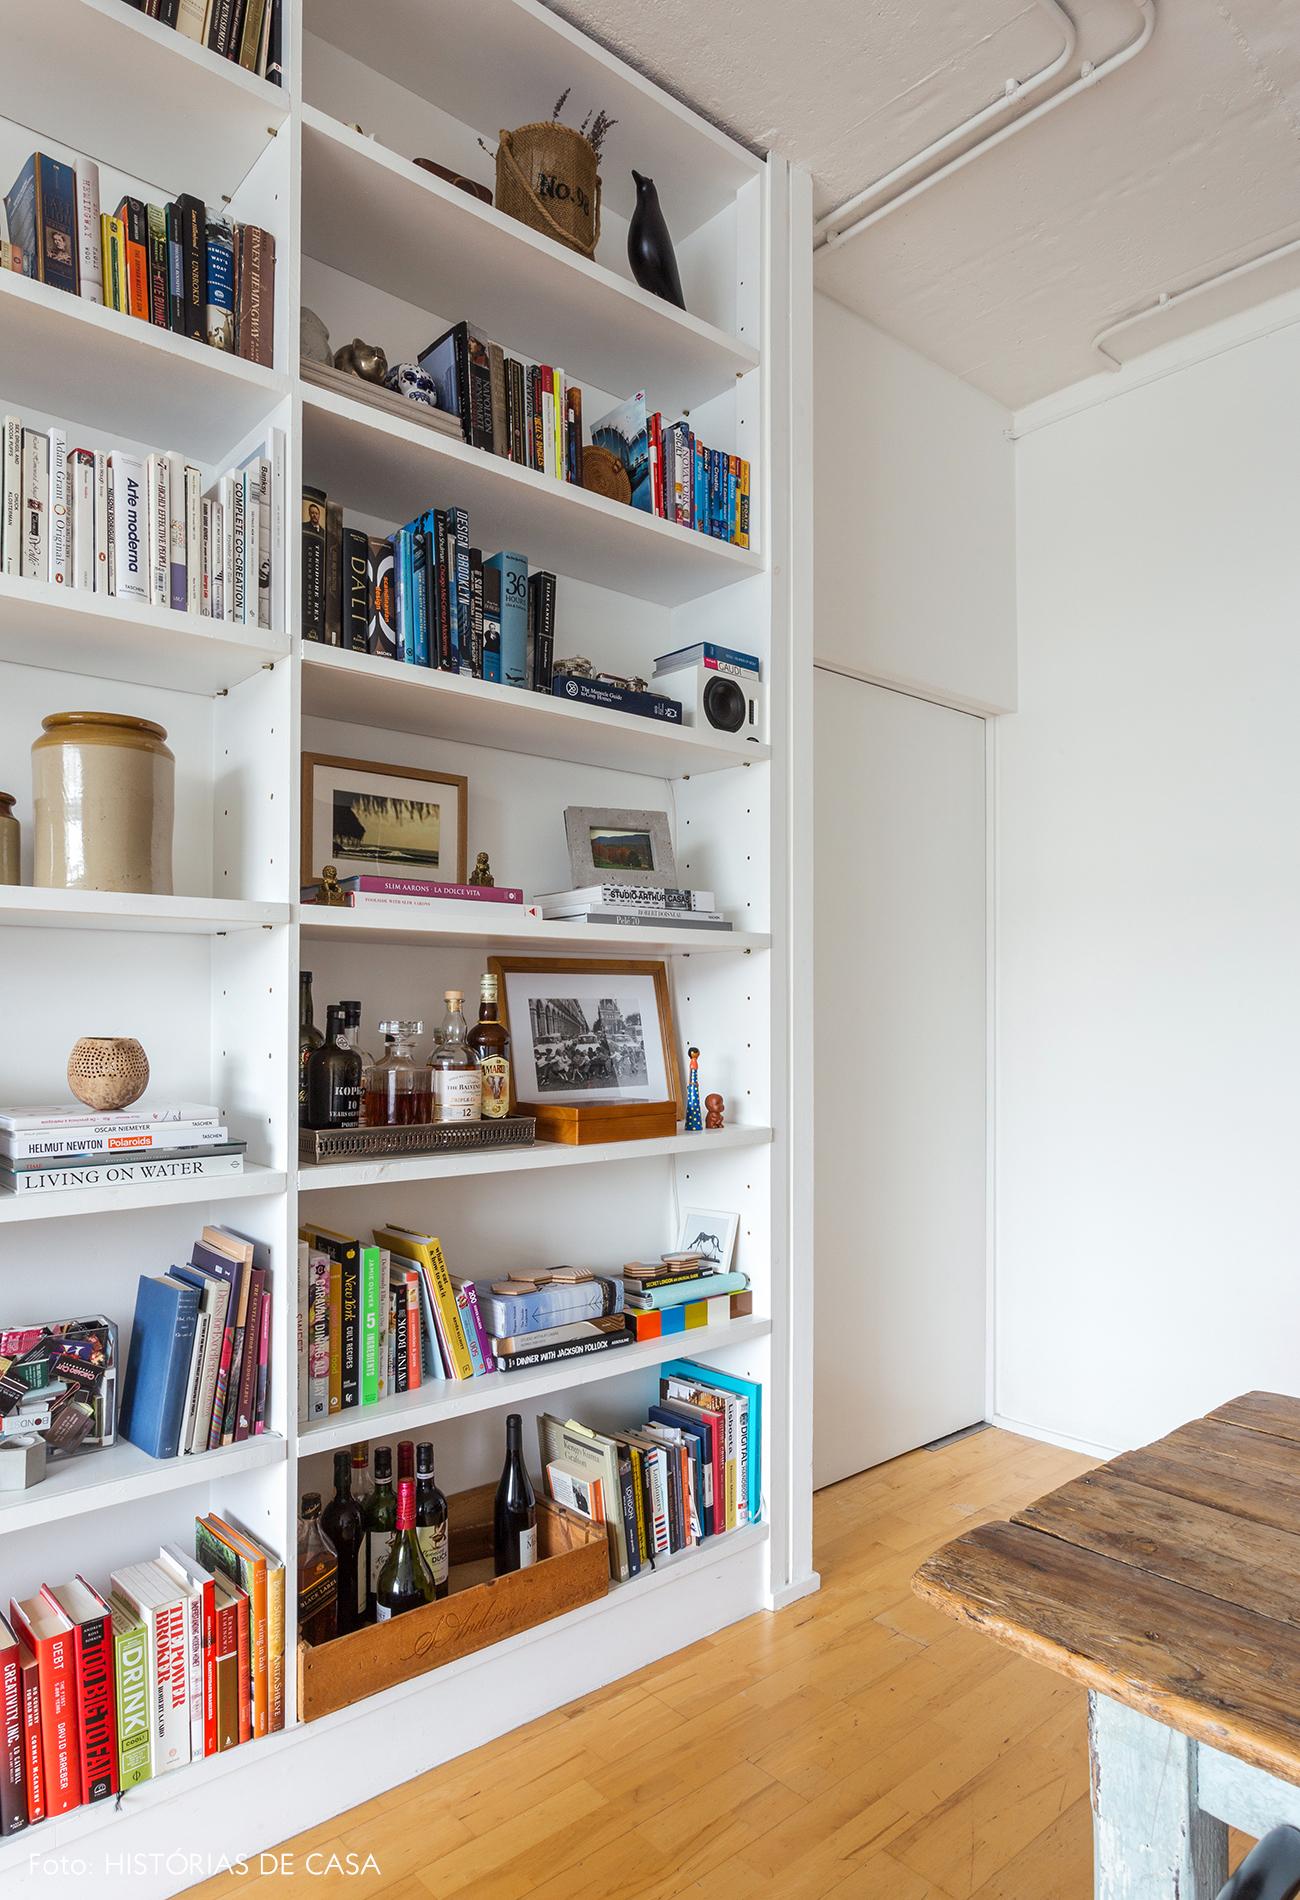 Estante branca com objetos e livros bacanas, bookshelf styling